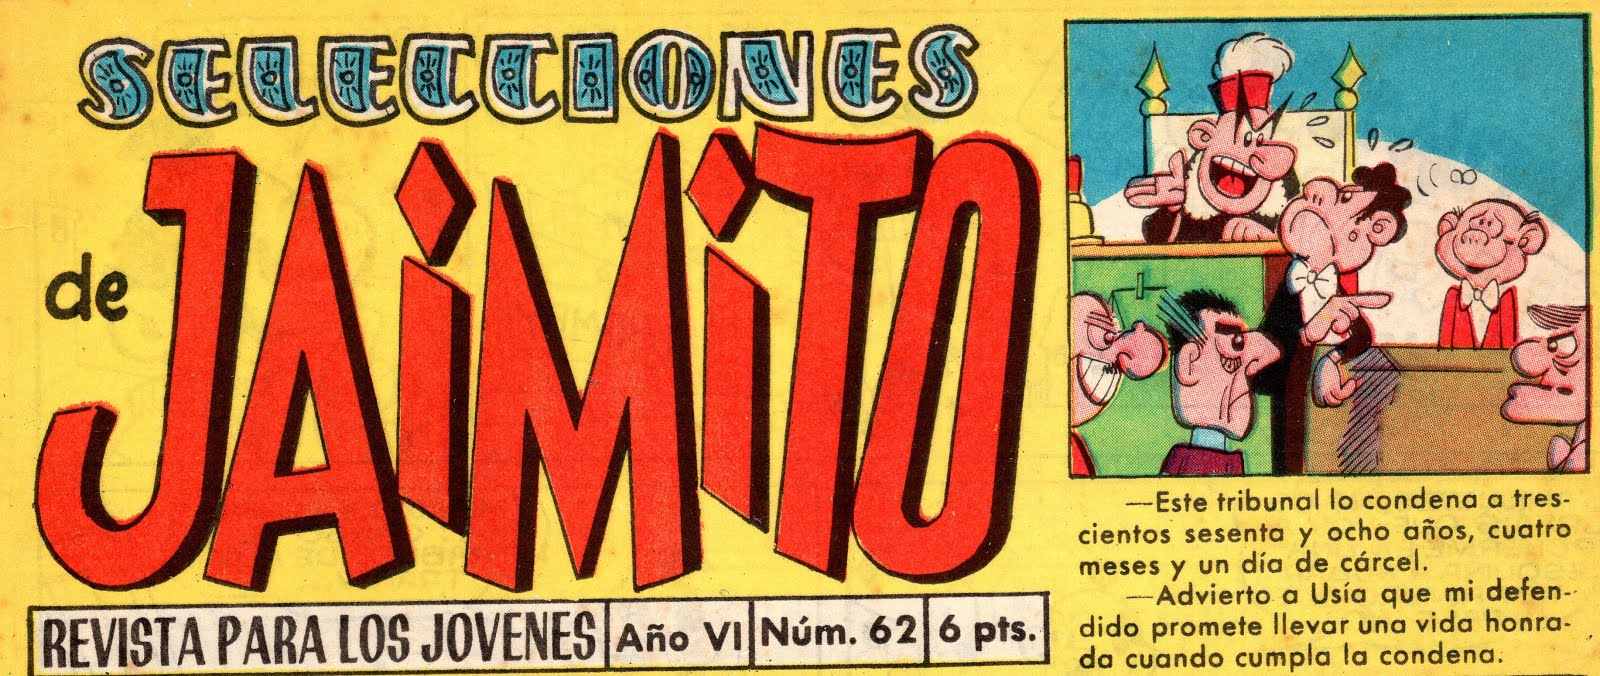 PRÓXIMAMENTE: Selecciones de Jaimito. 15 Nºs Inéditos